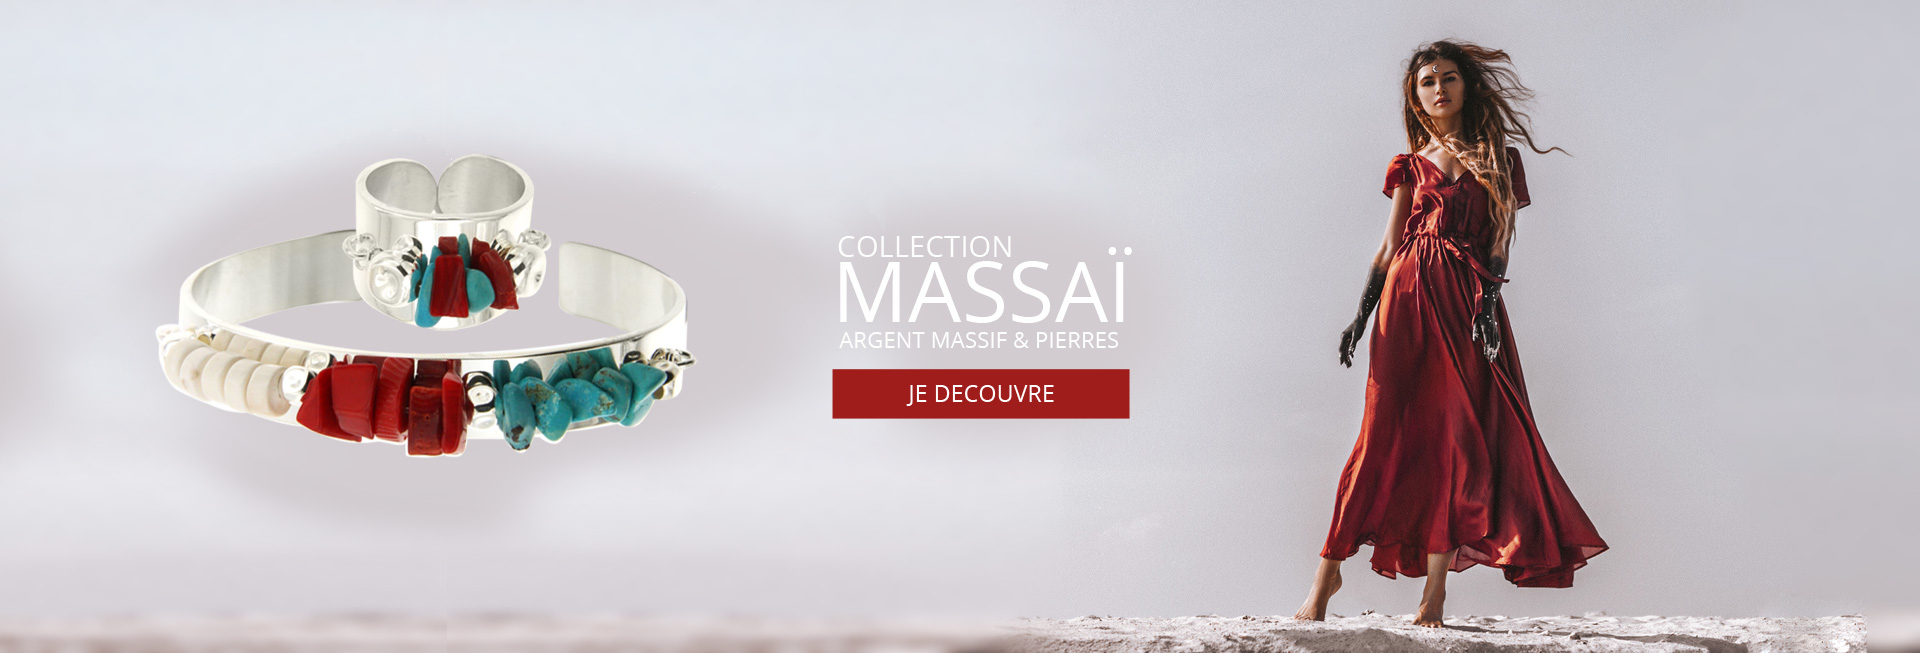 Bijoux MASSAI, nouvelle collection de bague, bracelet, jonc collier et boucles d'oreilles en Argent massif et pierres naturelles Turquoise, Rouge et Blanche